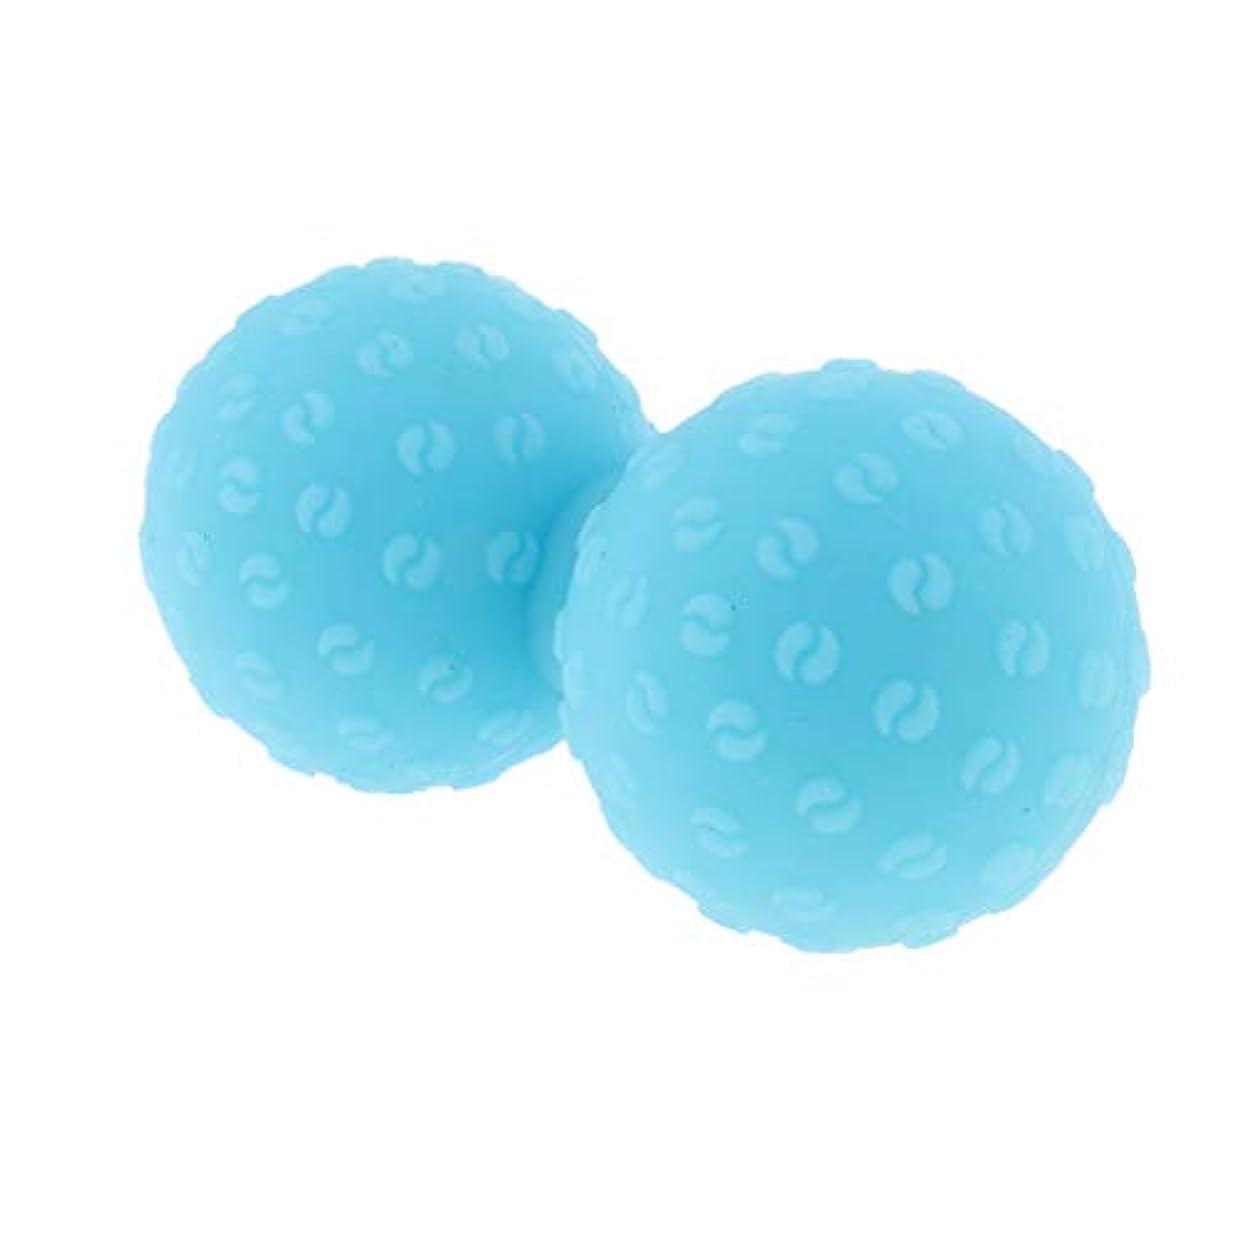 構成員イノセンスがっかりするFenteer シリコンマッサージボール 指圧ボール ピーナッツ トリガーポイント ツボ押しグッズ ヨガ 全6色 - 青, 説明のとおり